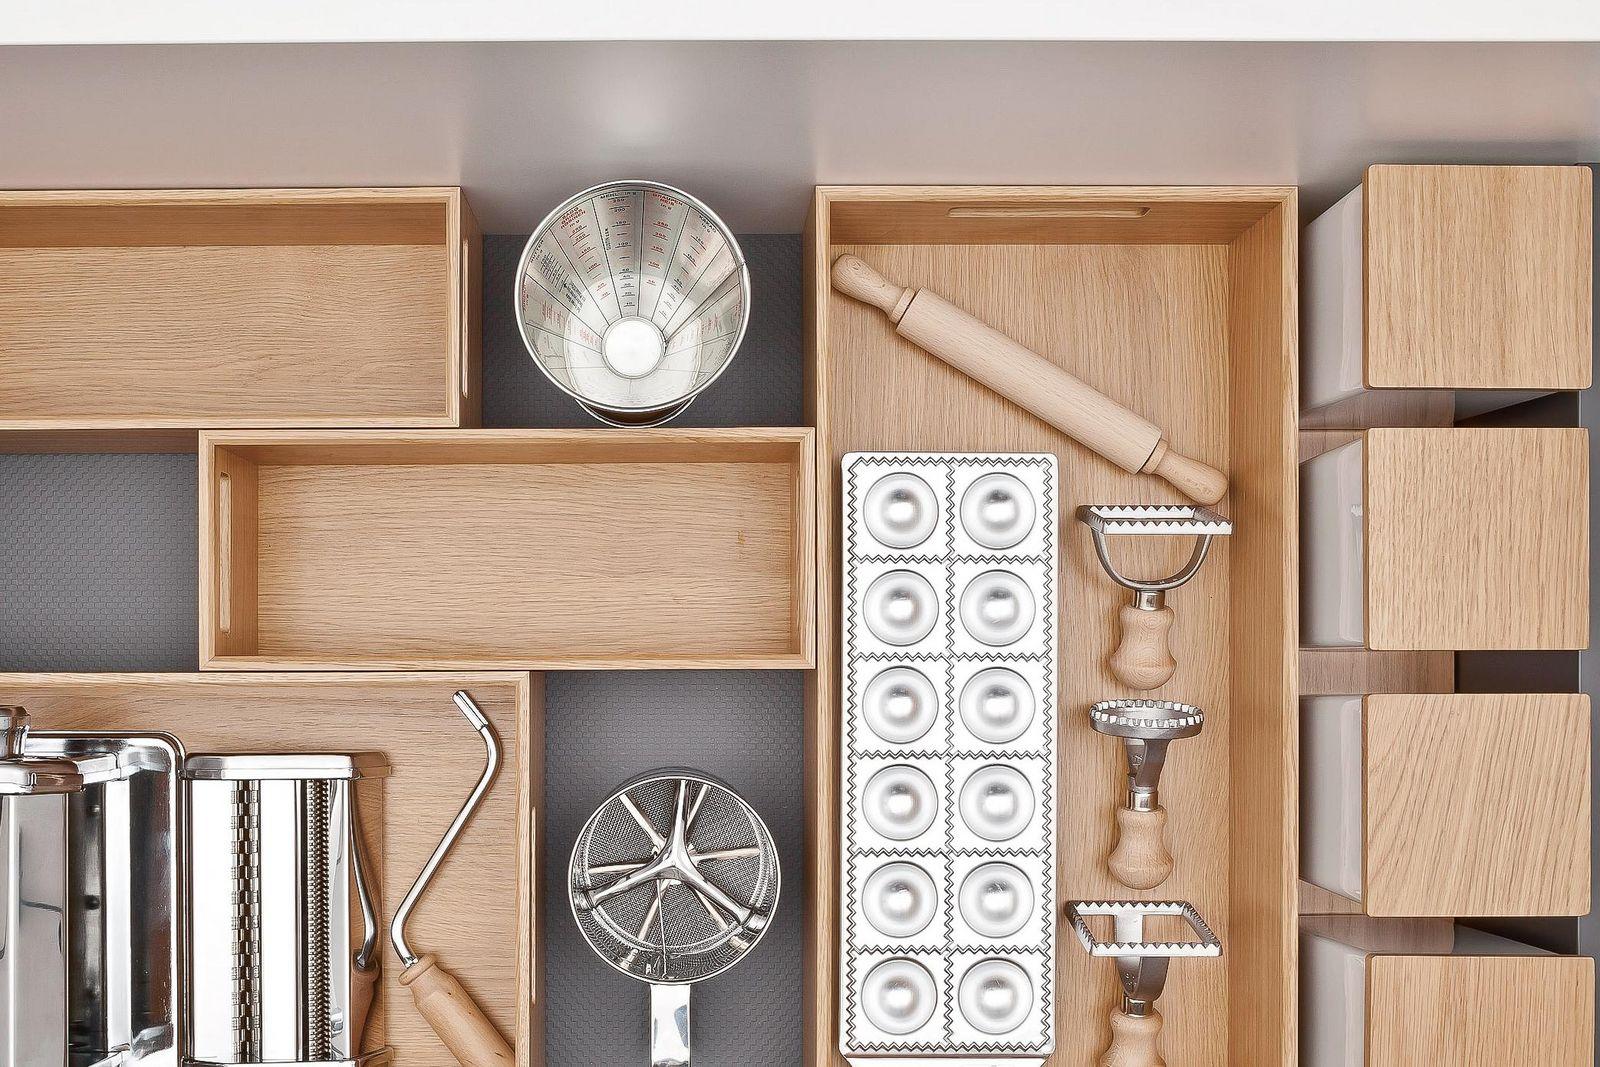 Full Size of Gewürze Schubladeneinsatz Verstauen Und Sortieren Next125 Designkchen Küche Wohnzimmer Gewürze Schubladeneinsatz